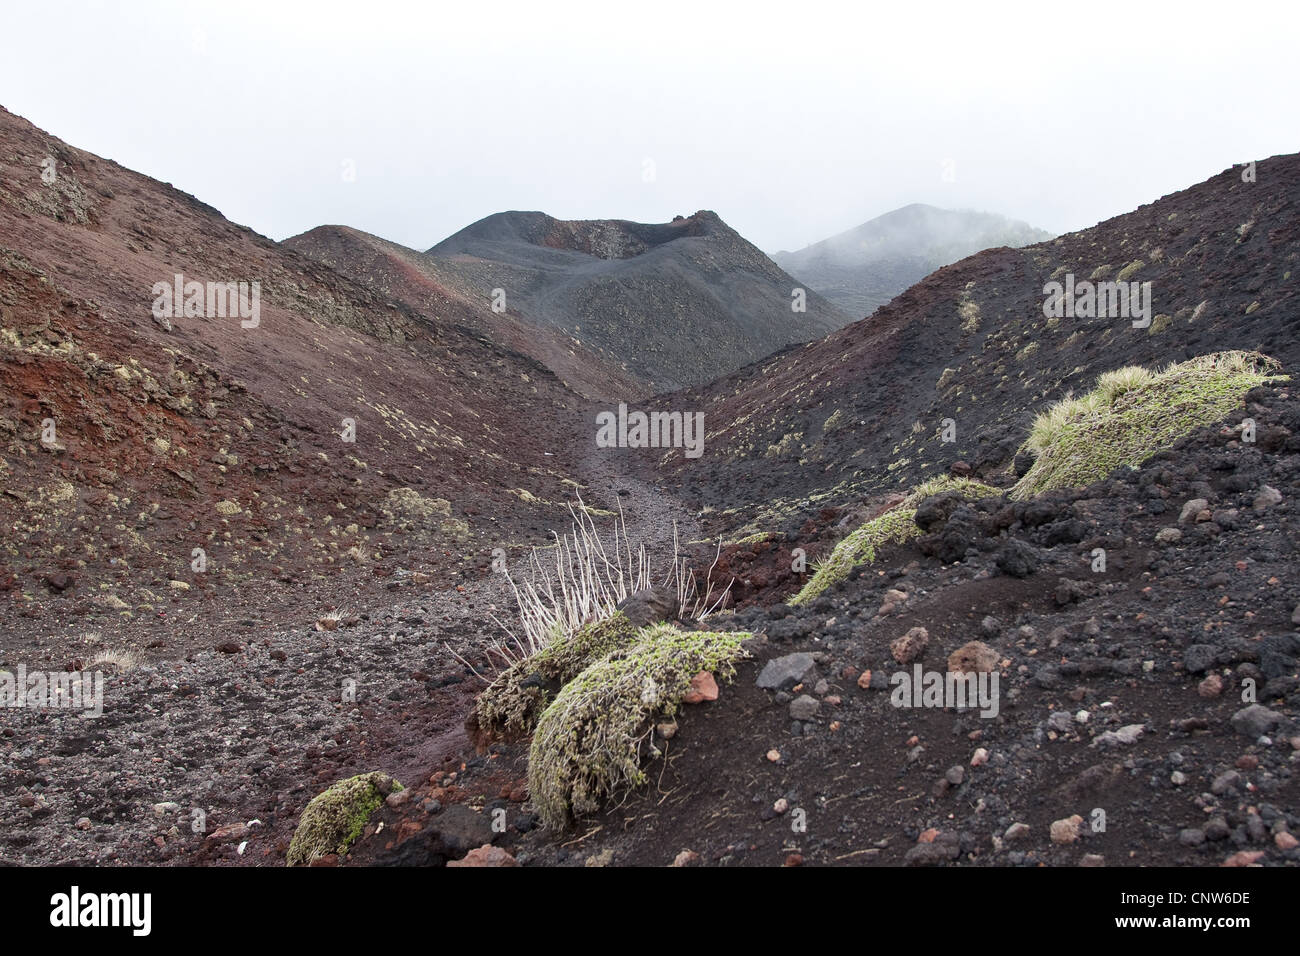 Paesaggi vulcanici a monte Etna con arbusti nani, Italia, Sicilia Immagini Stock